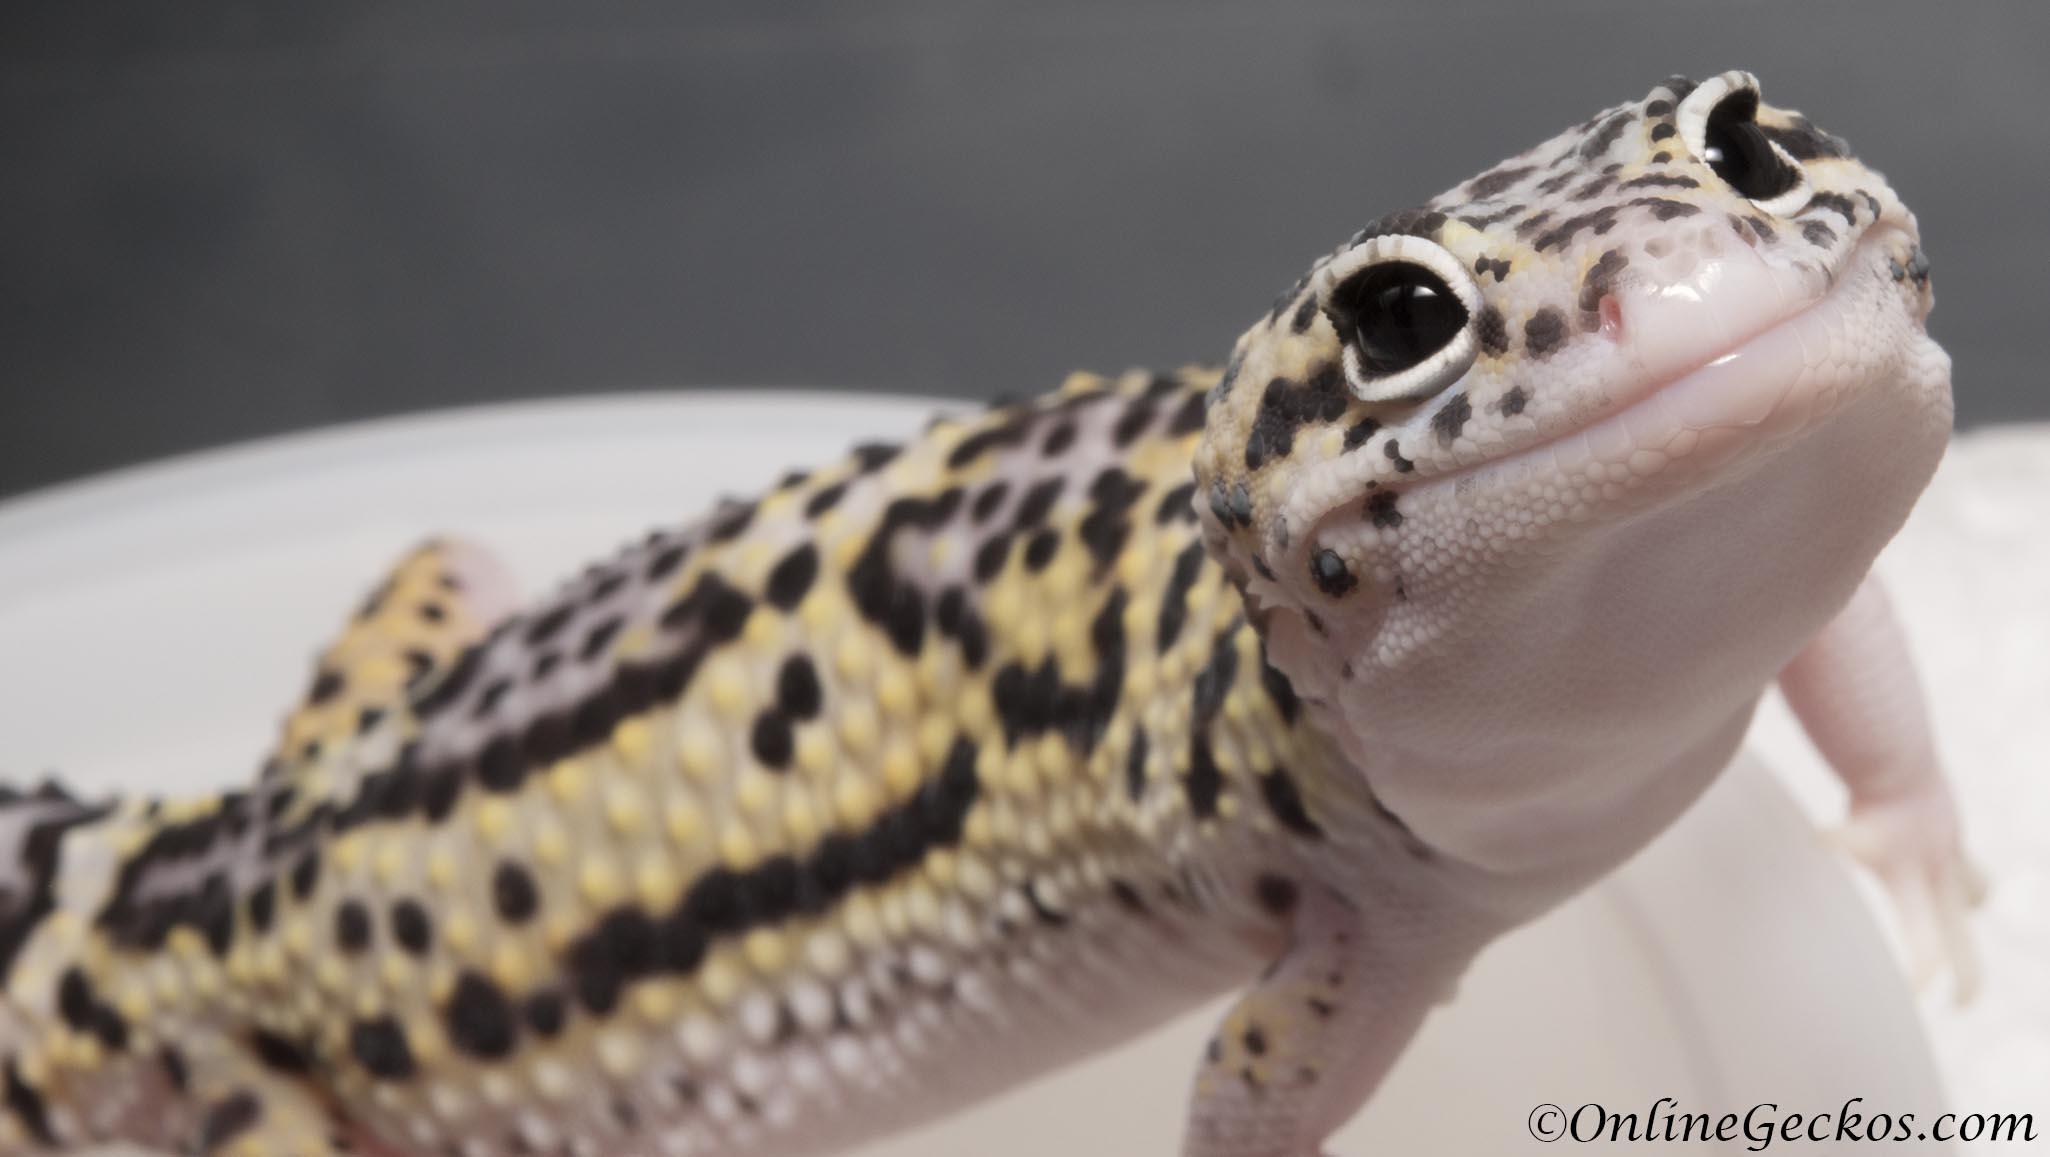 onlinegeckos-leopard-gecko-hatchling-eye-cute ...Leopard Gecko Hatchling For Sale